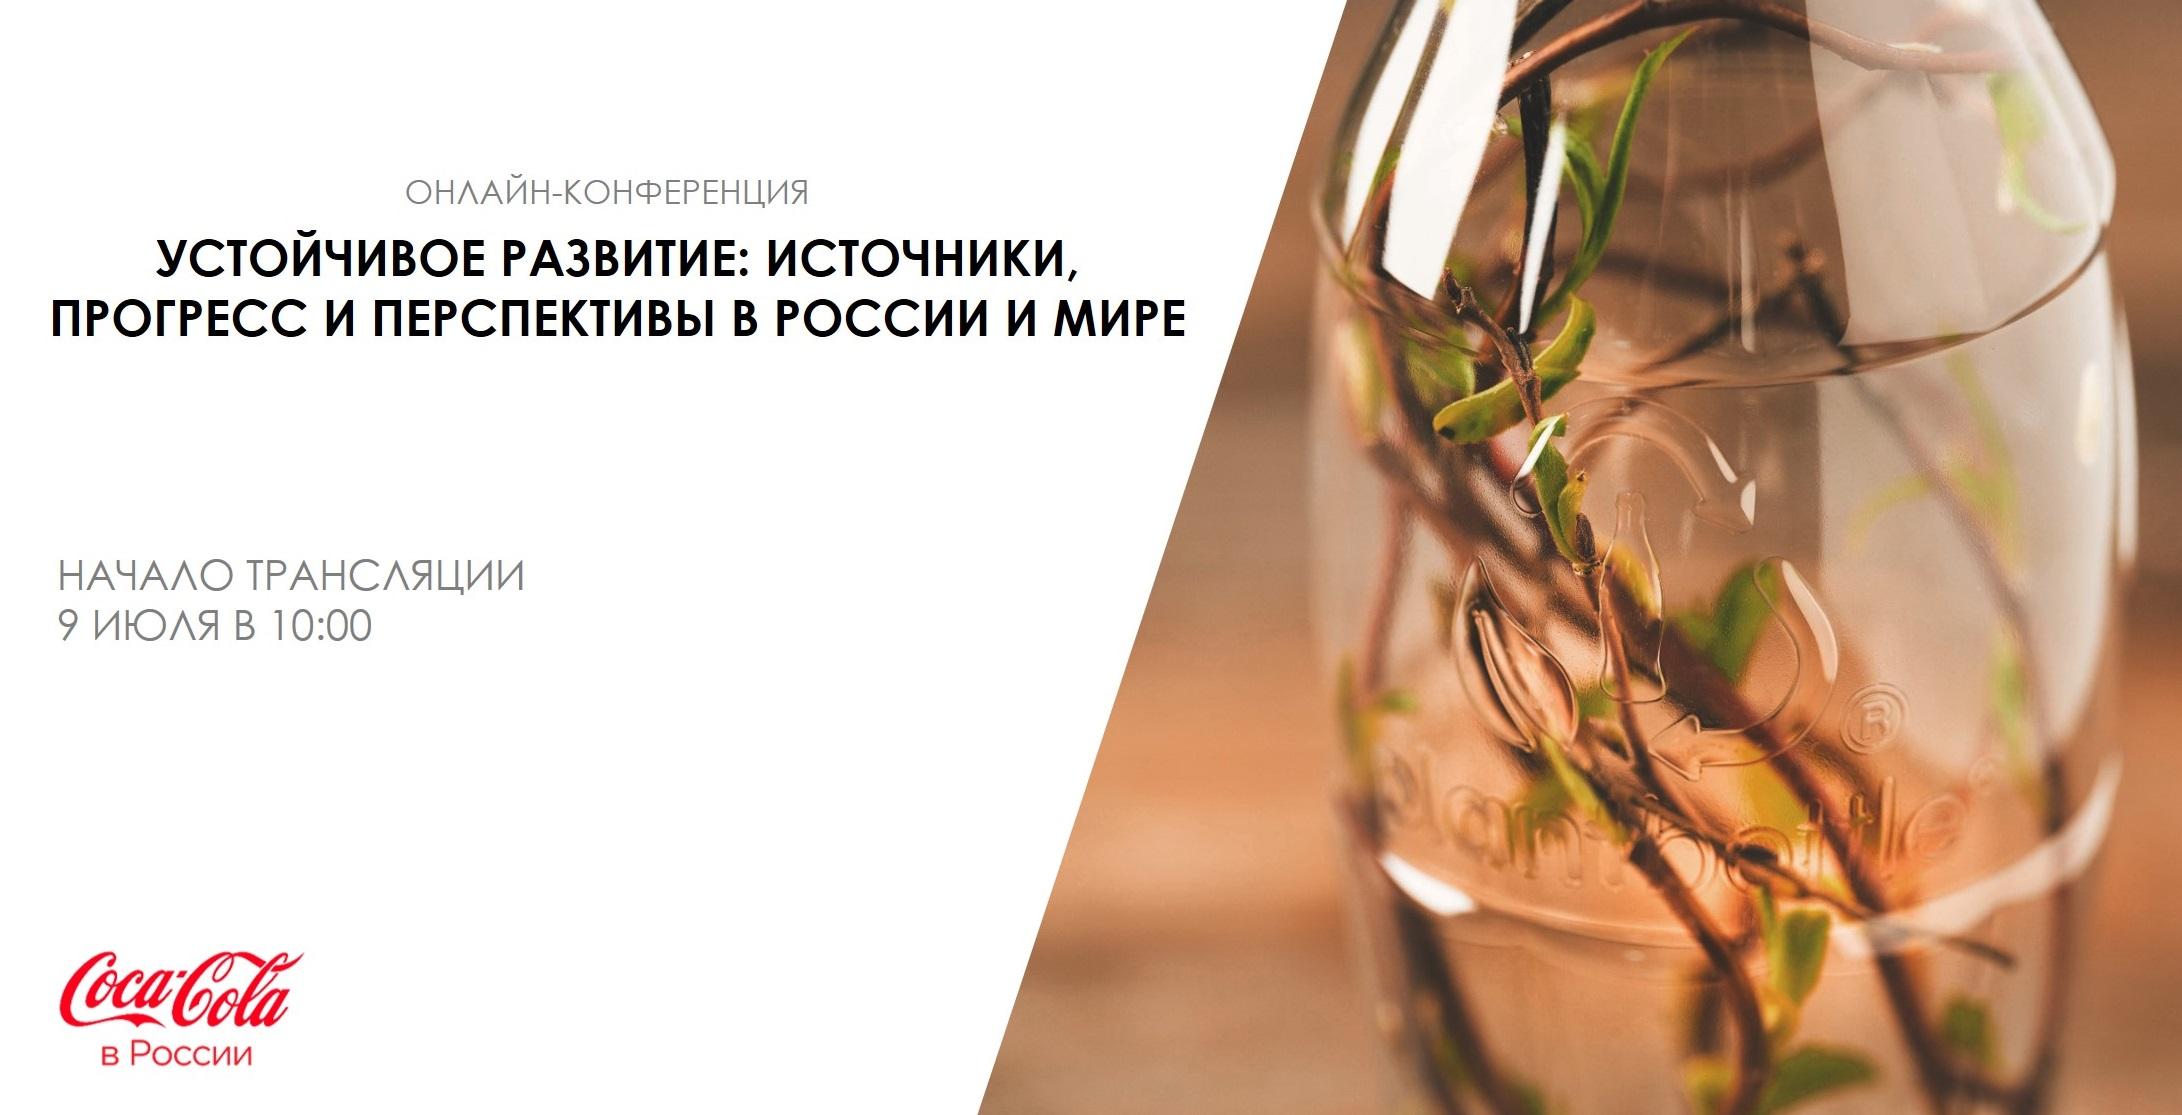 Устойчивое развитие — источники, прогресс и перспективы в России и мире